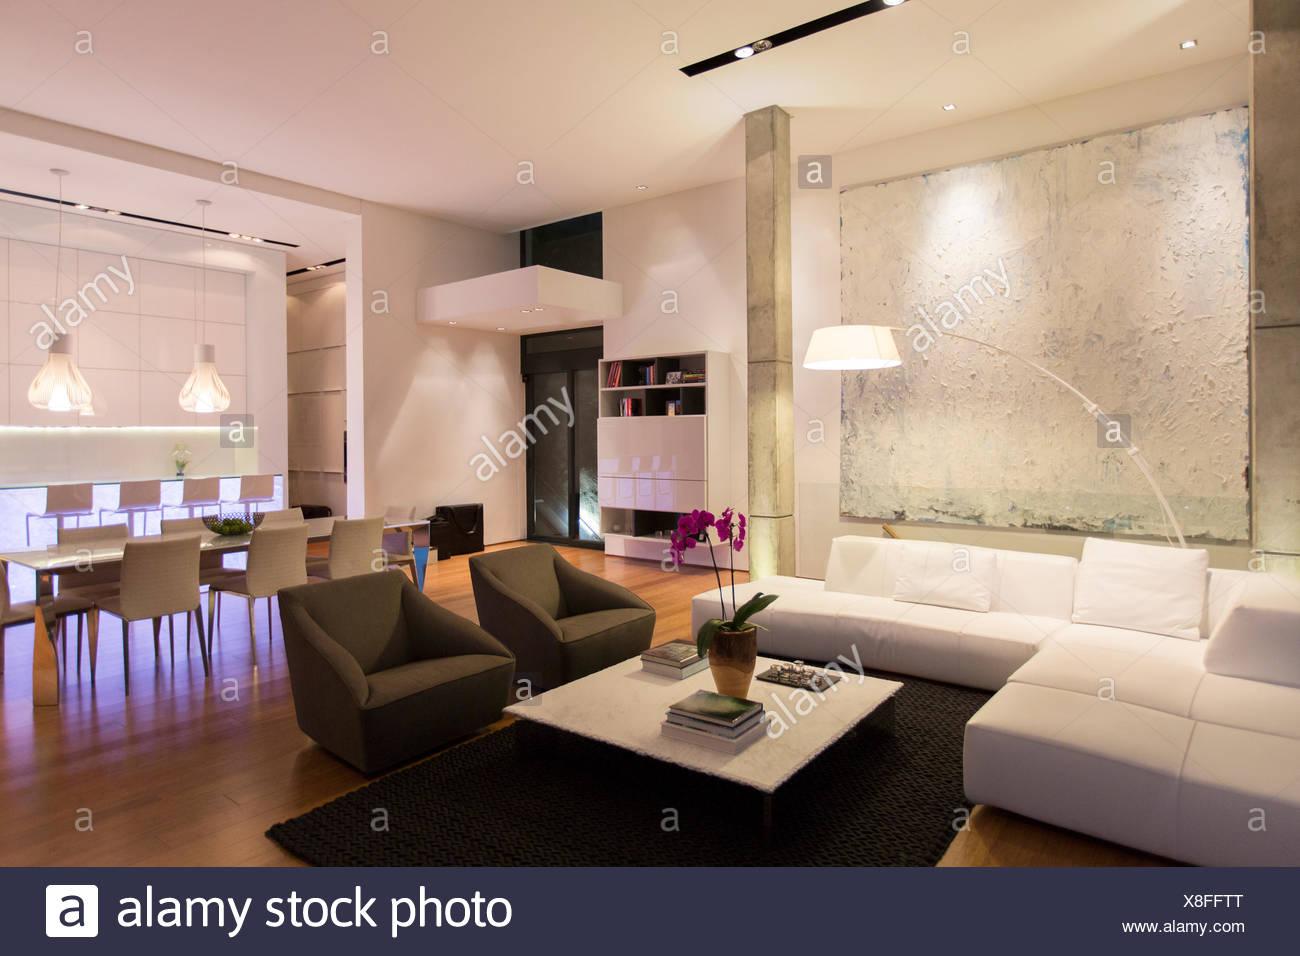 Wunderbar Sofa Und Tisch In Moderne Wohnzimmer